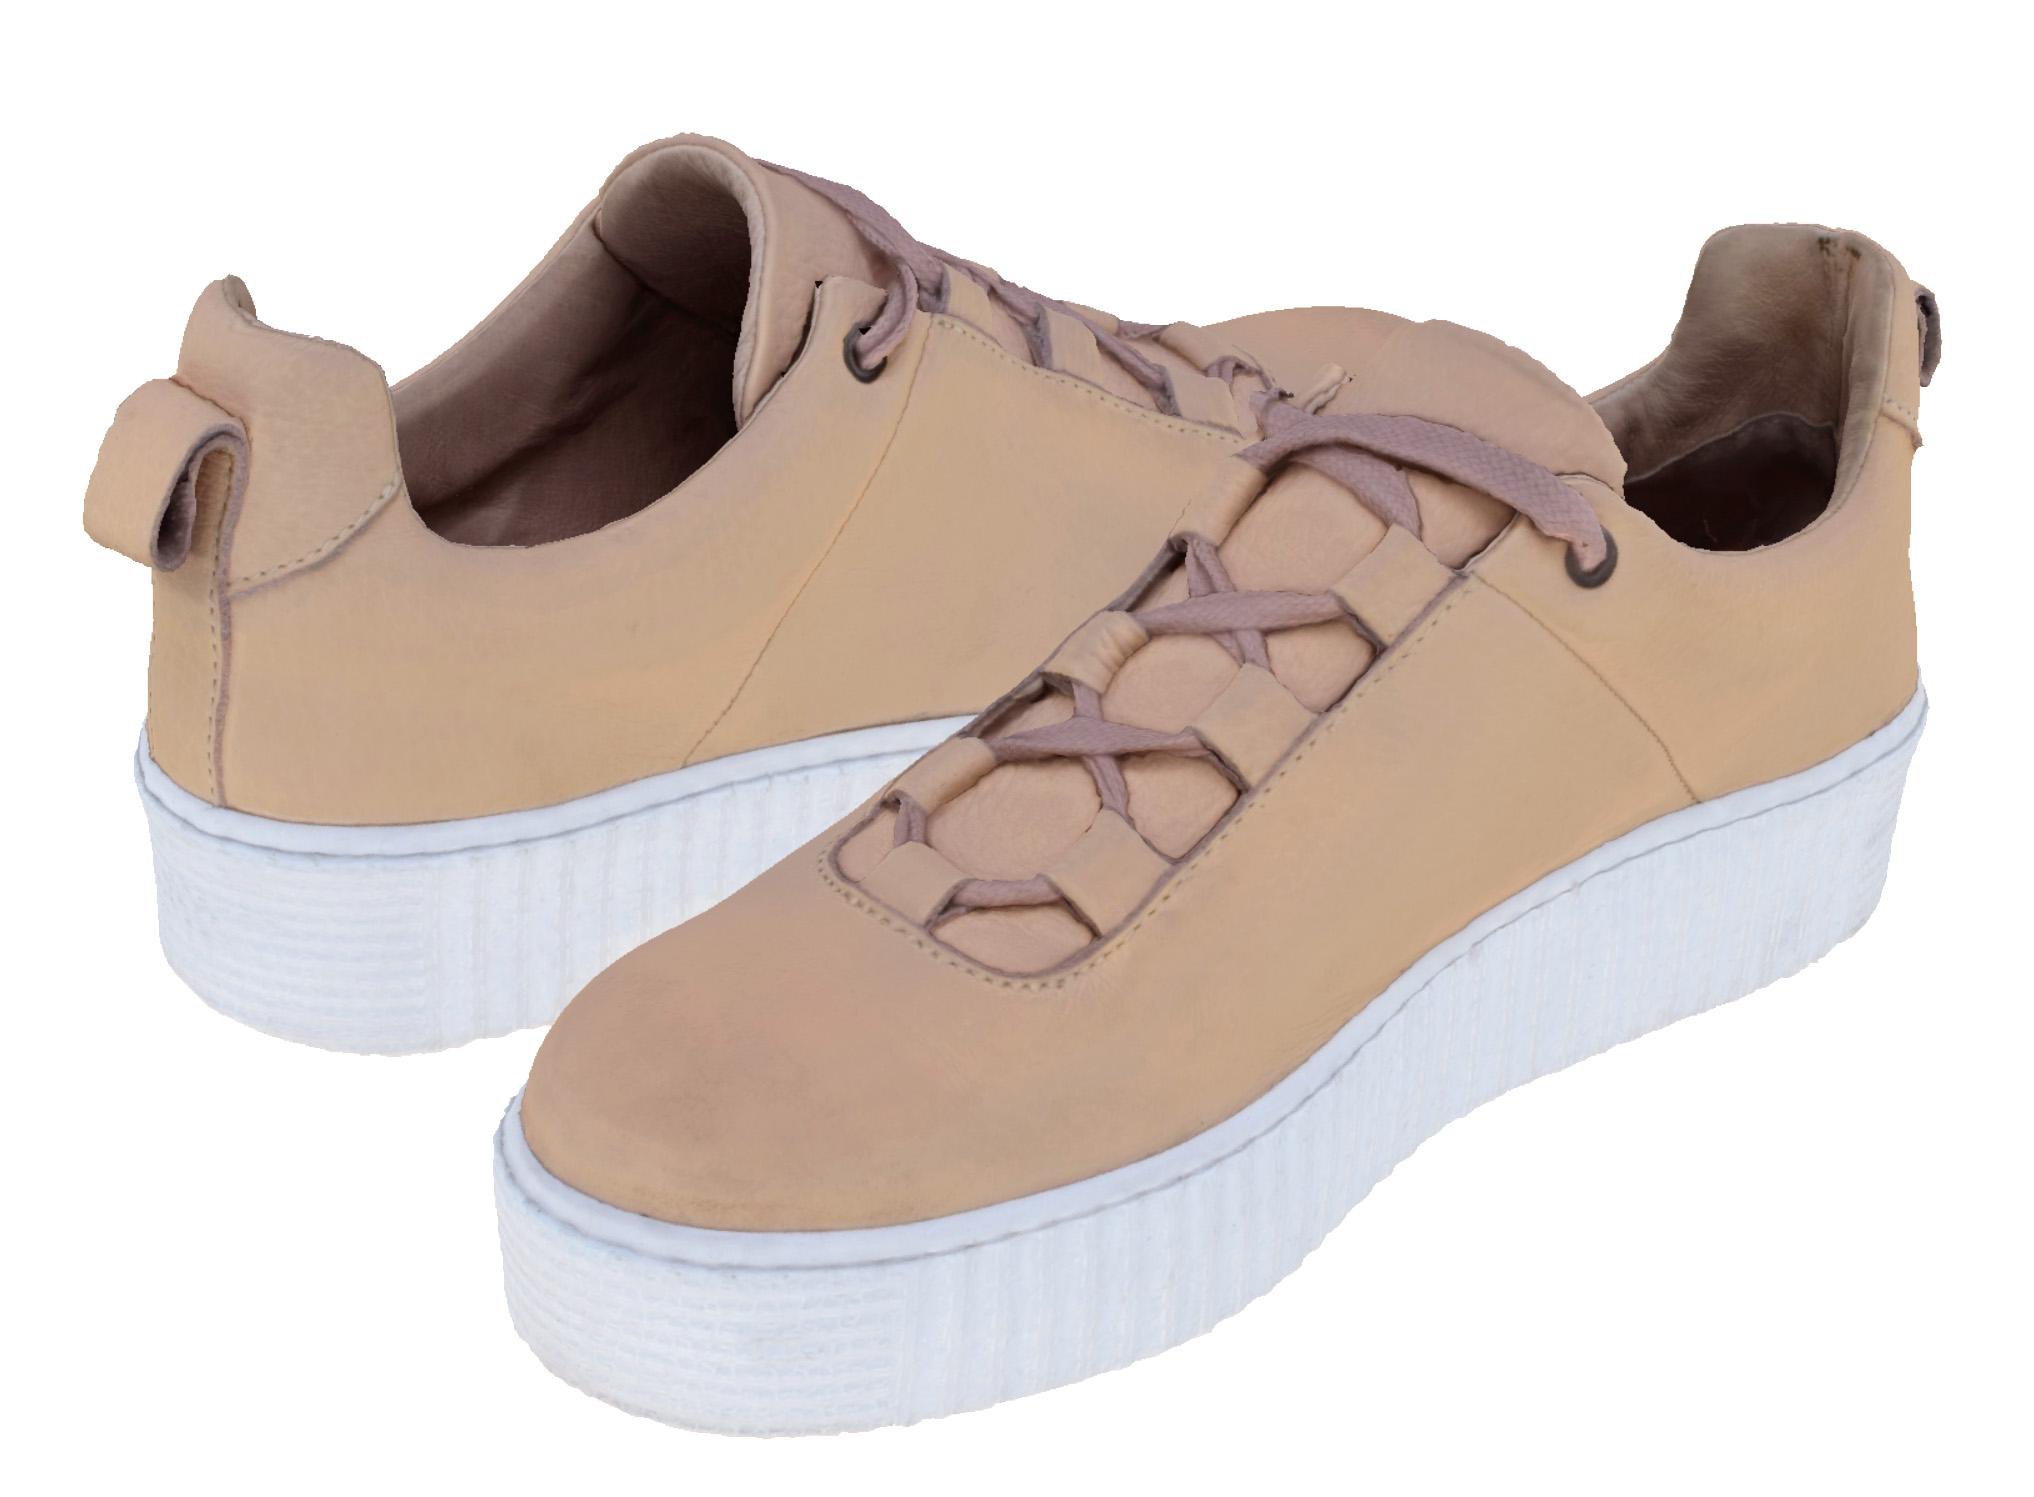 Light Tan Shoes.jpg